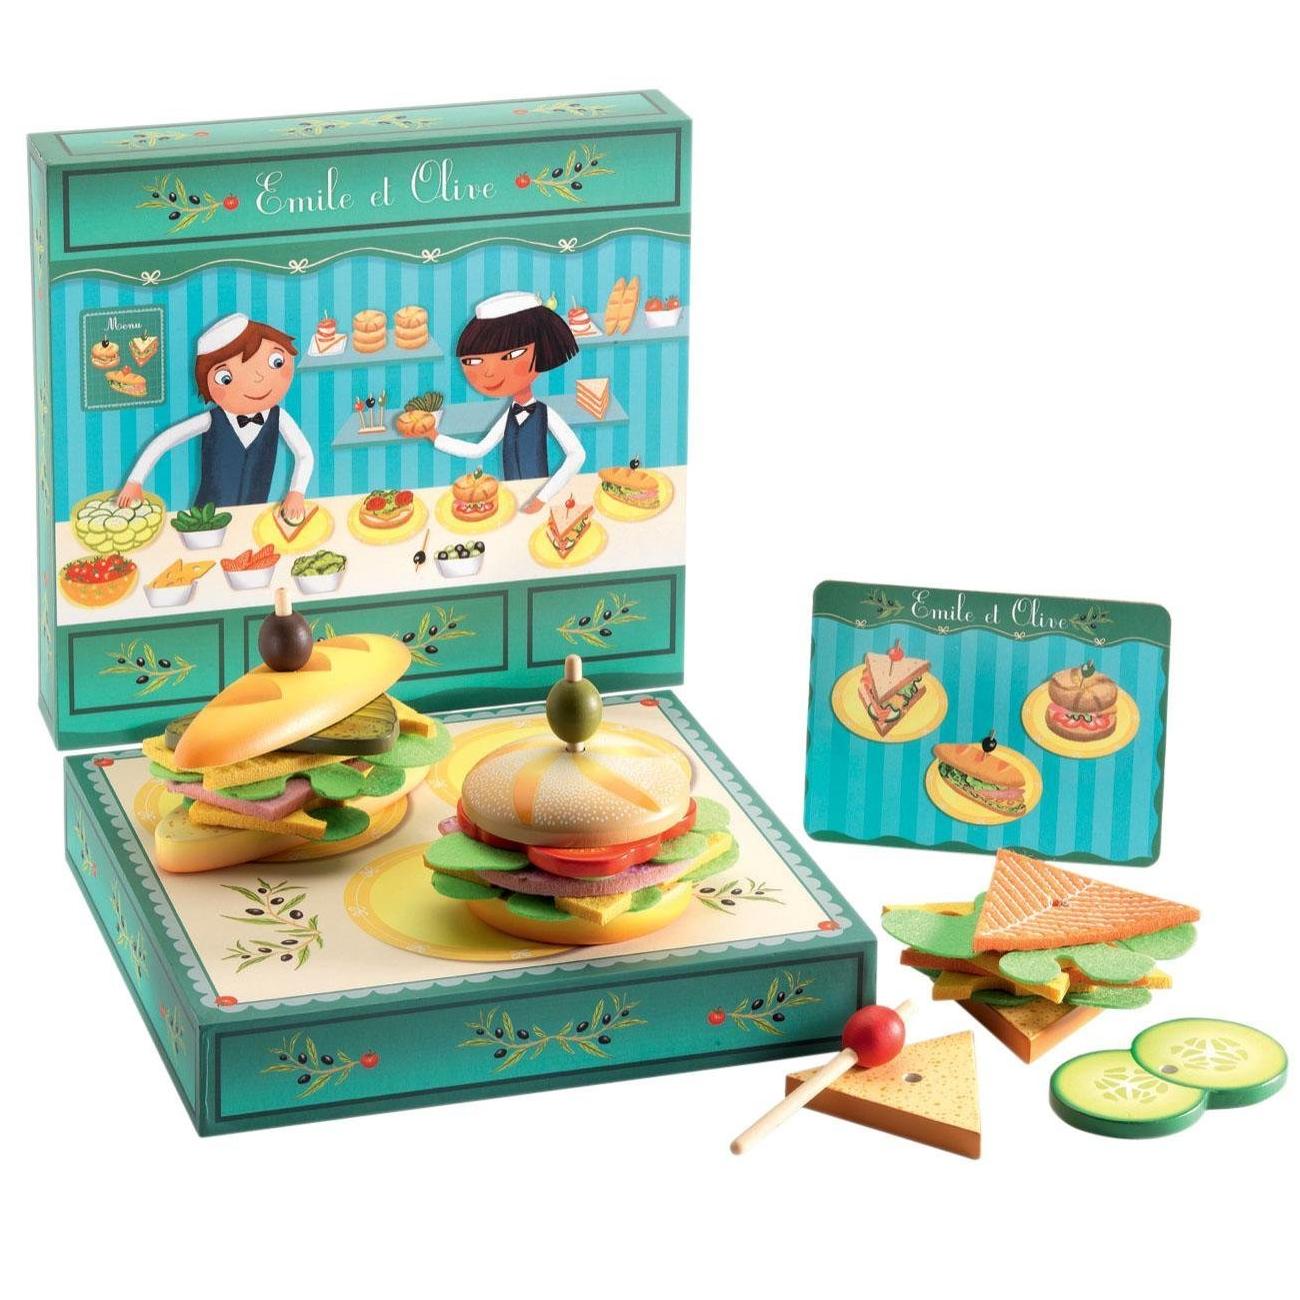 Игрушечные Сэндвичи от Эмиля и Олив - Аксессуары и техника для детской кухни, артикул: 167658